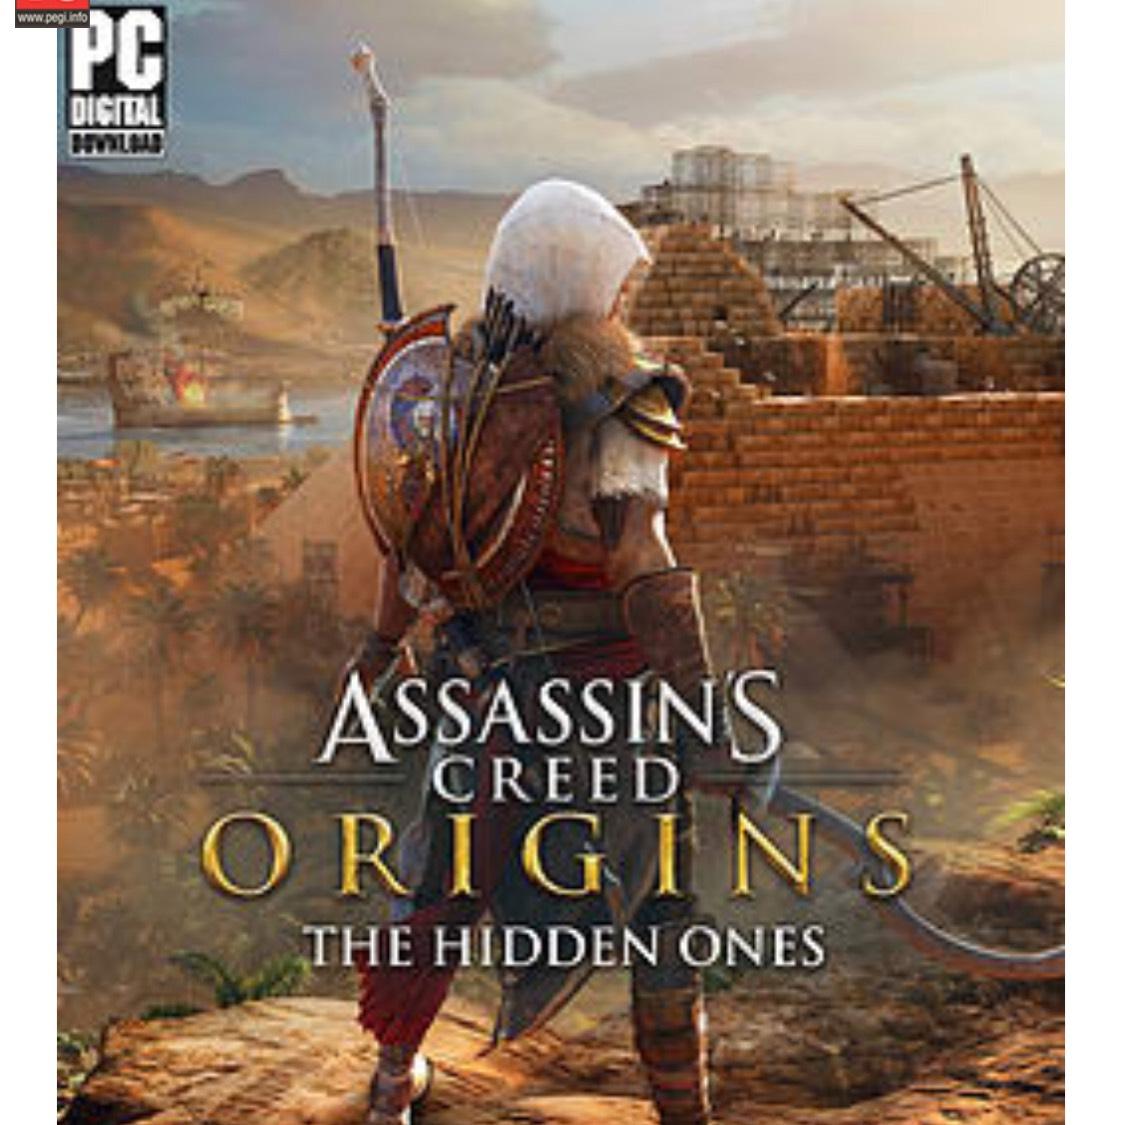 Assassin's Creed Origins - DLC 1 The Hidden Ones (PC) Digital £7.49 - Games Republic